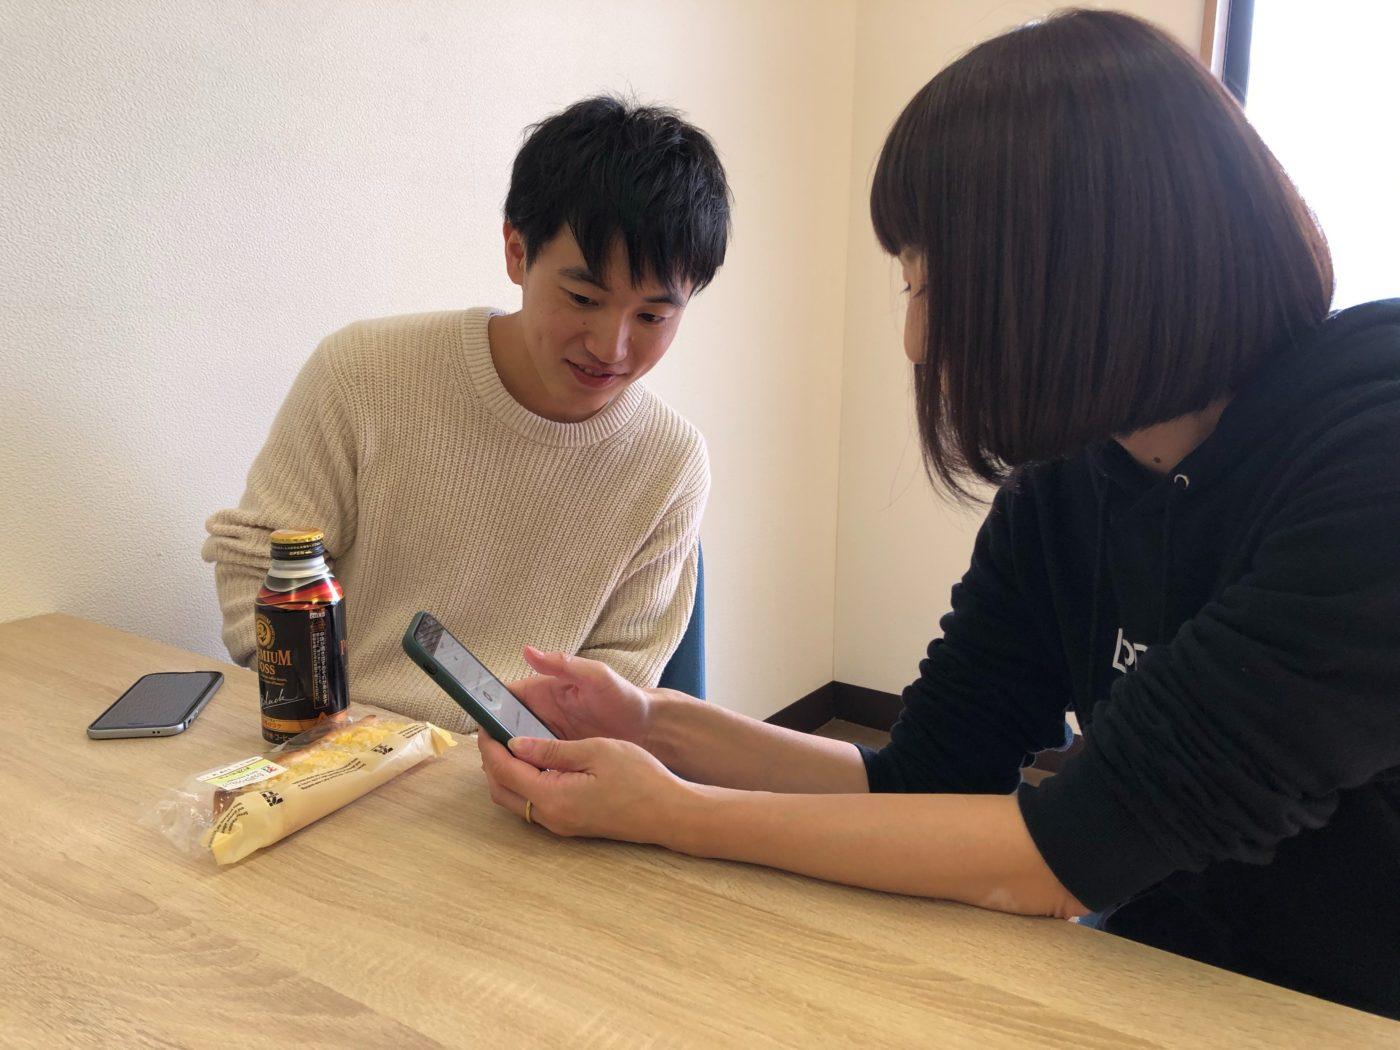 【広報担当Mブログ番外編】私の同僚を紹介します!